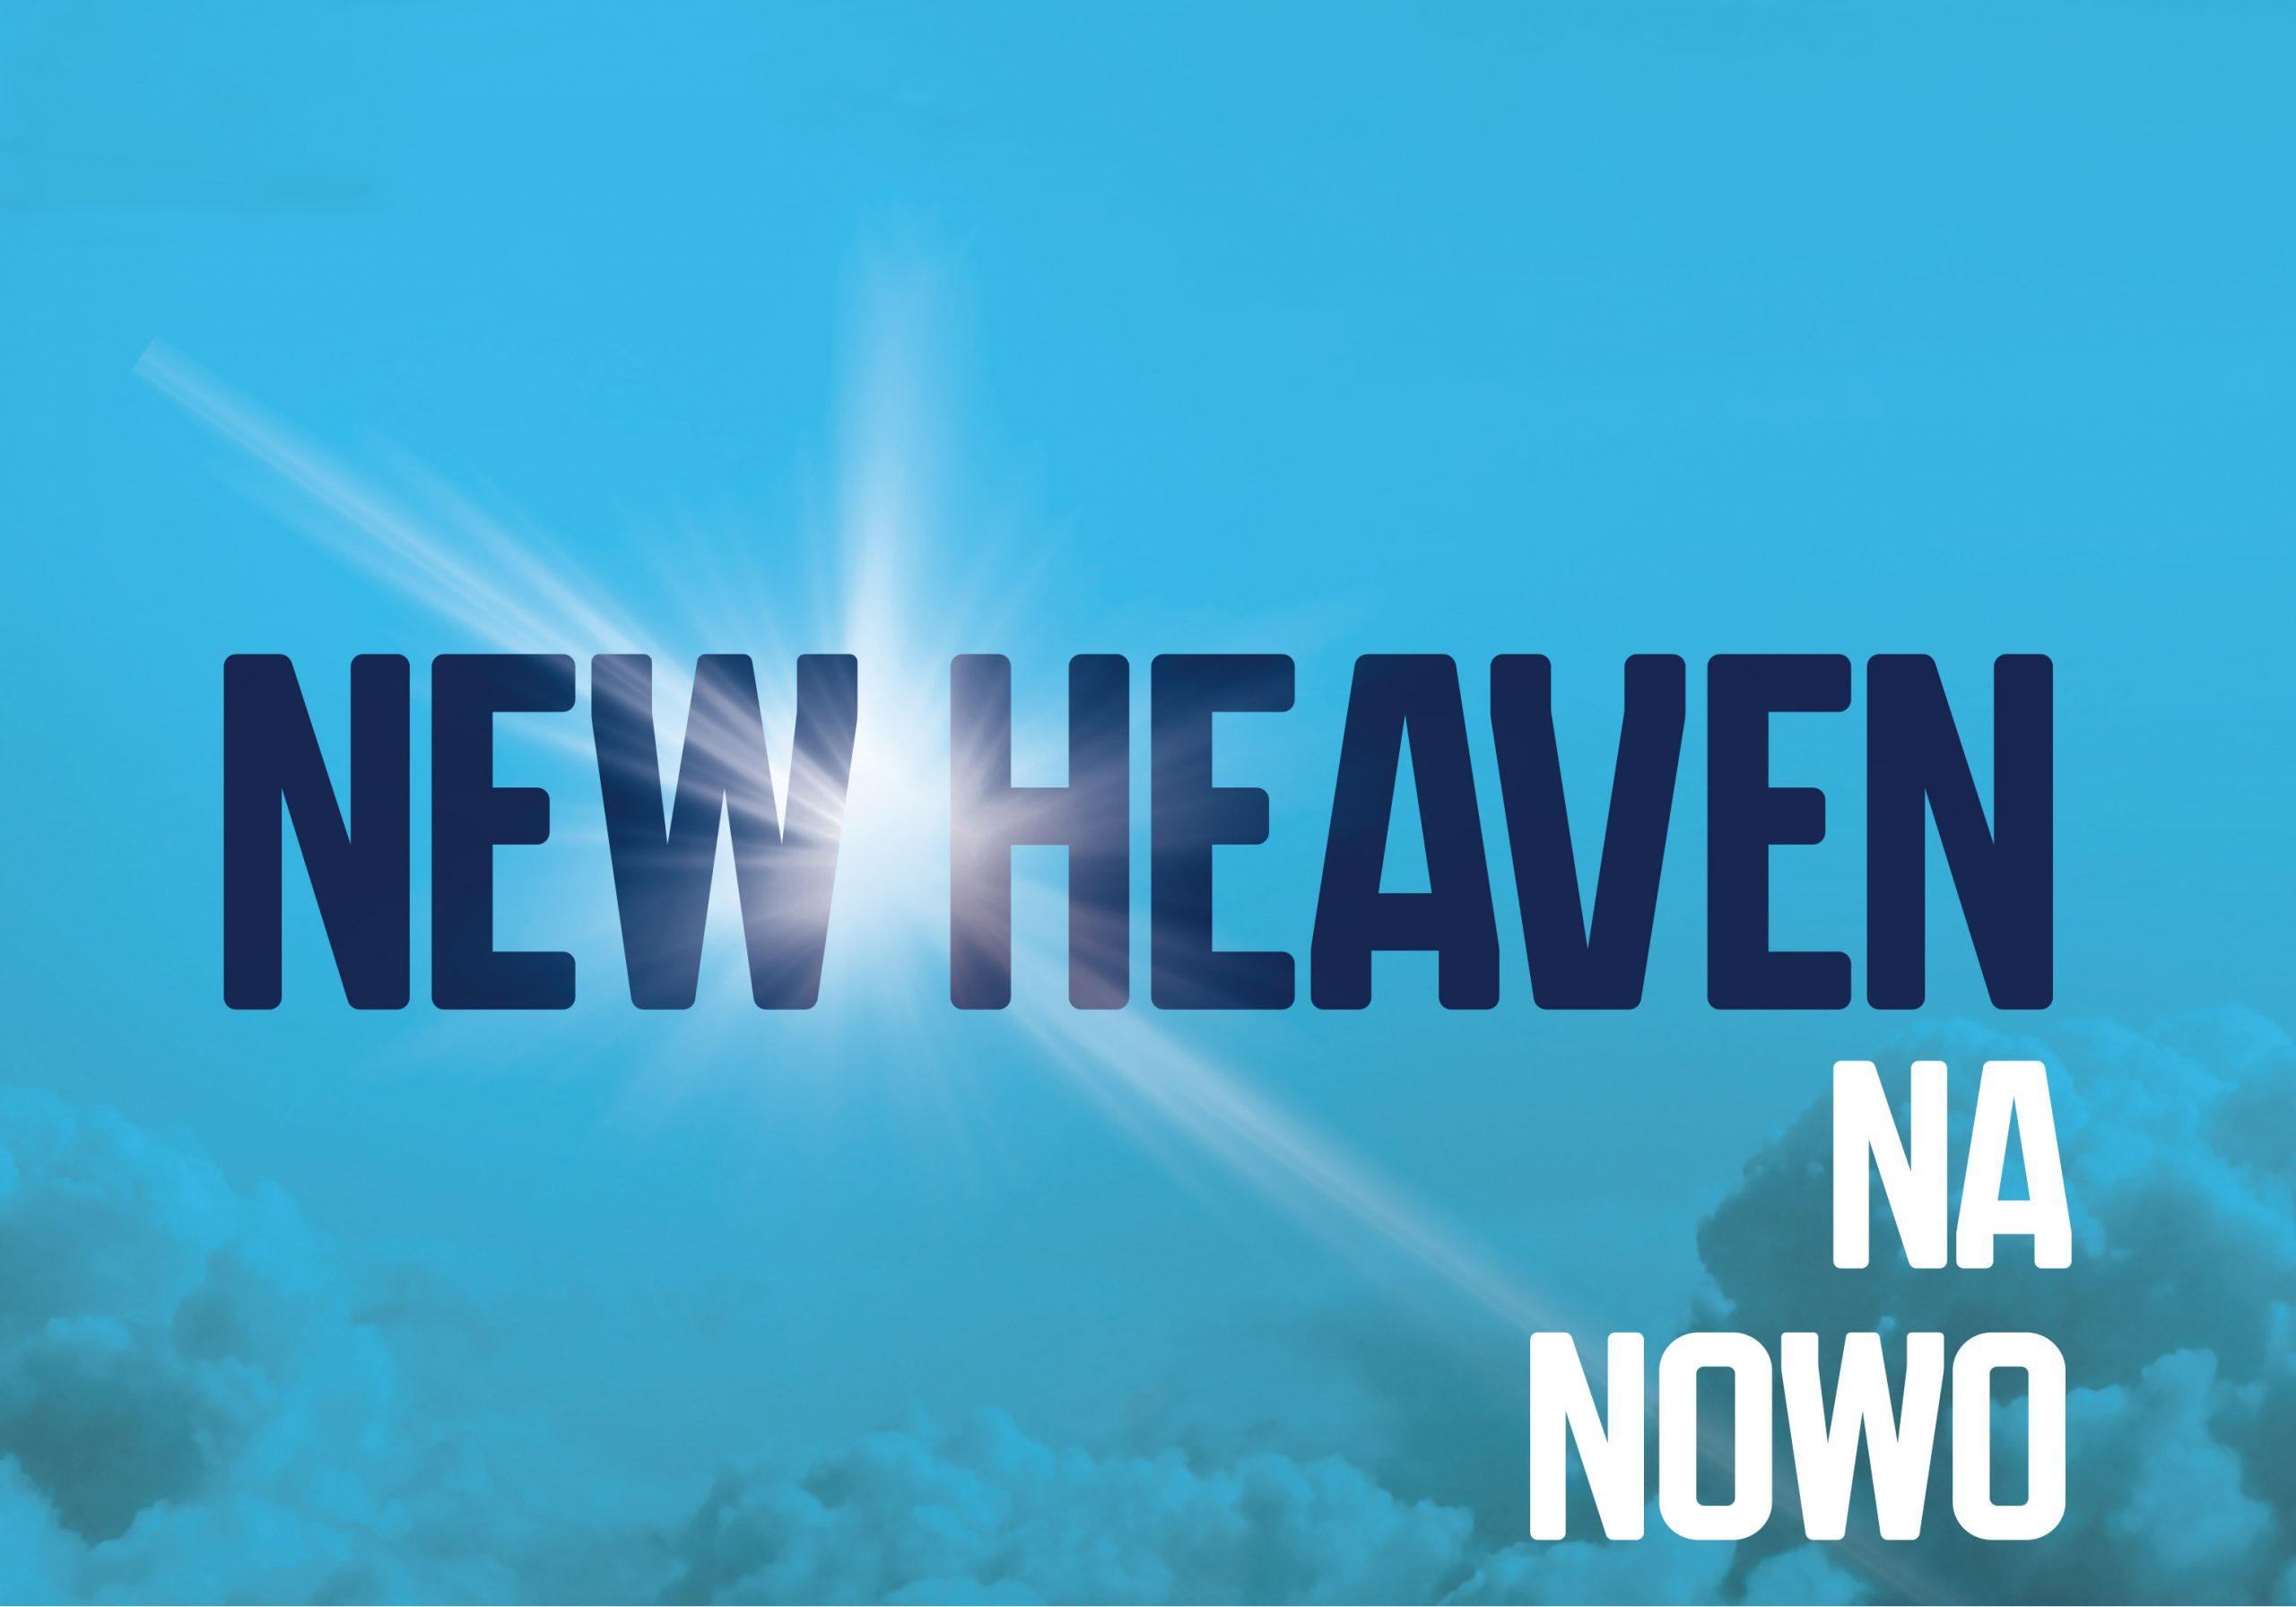 New Heaven - Na Nowo